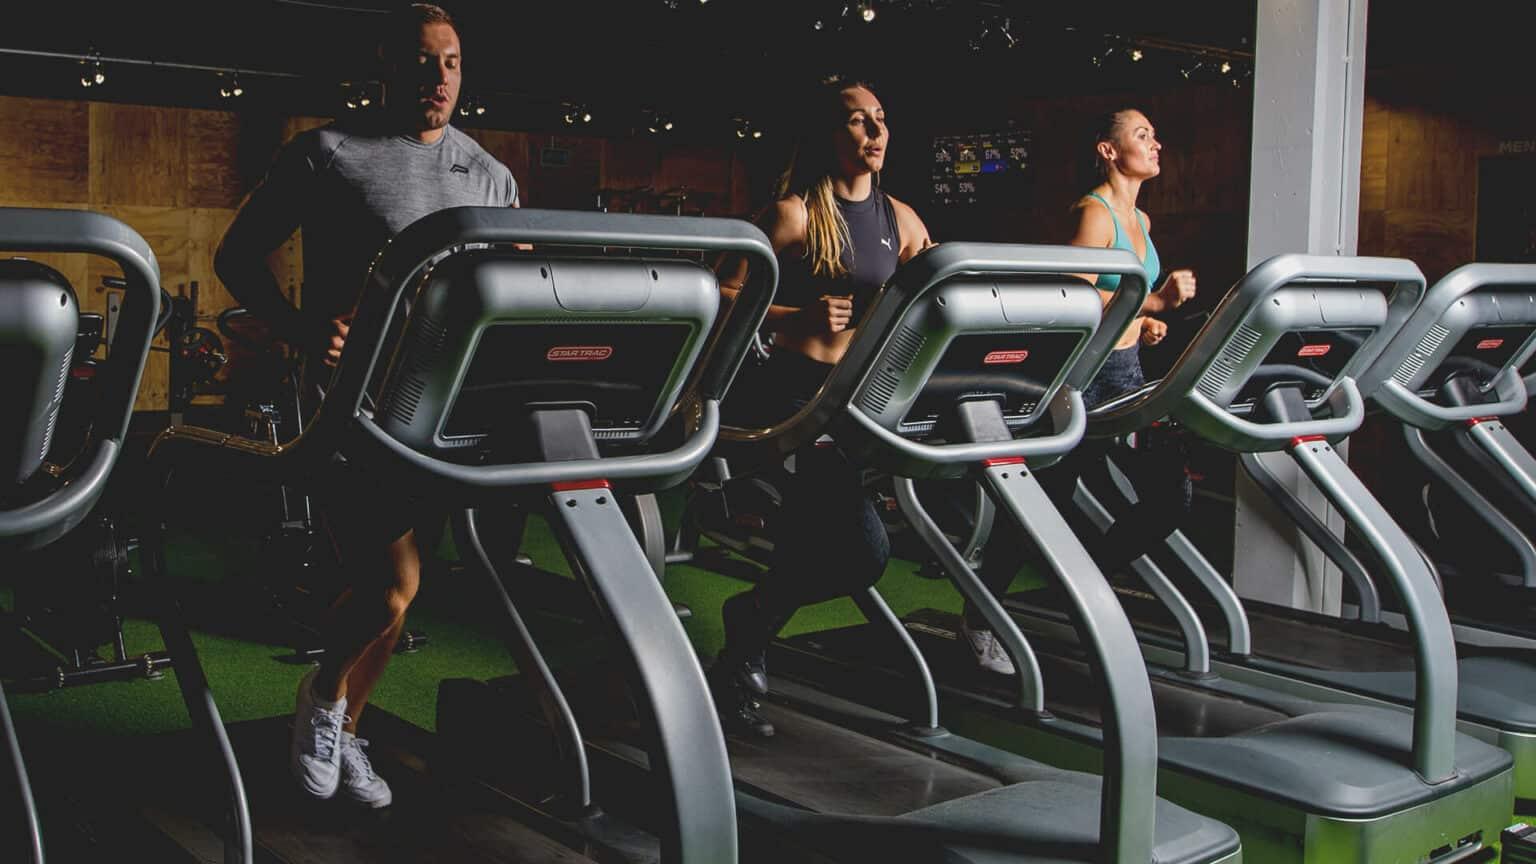 cardio-zone in BXF Gyms